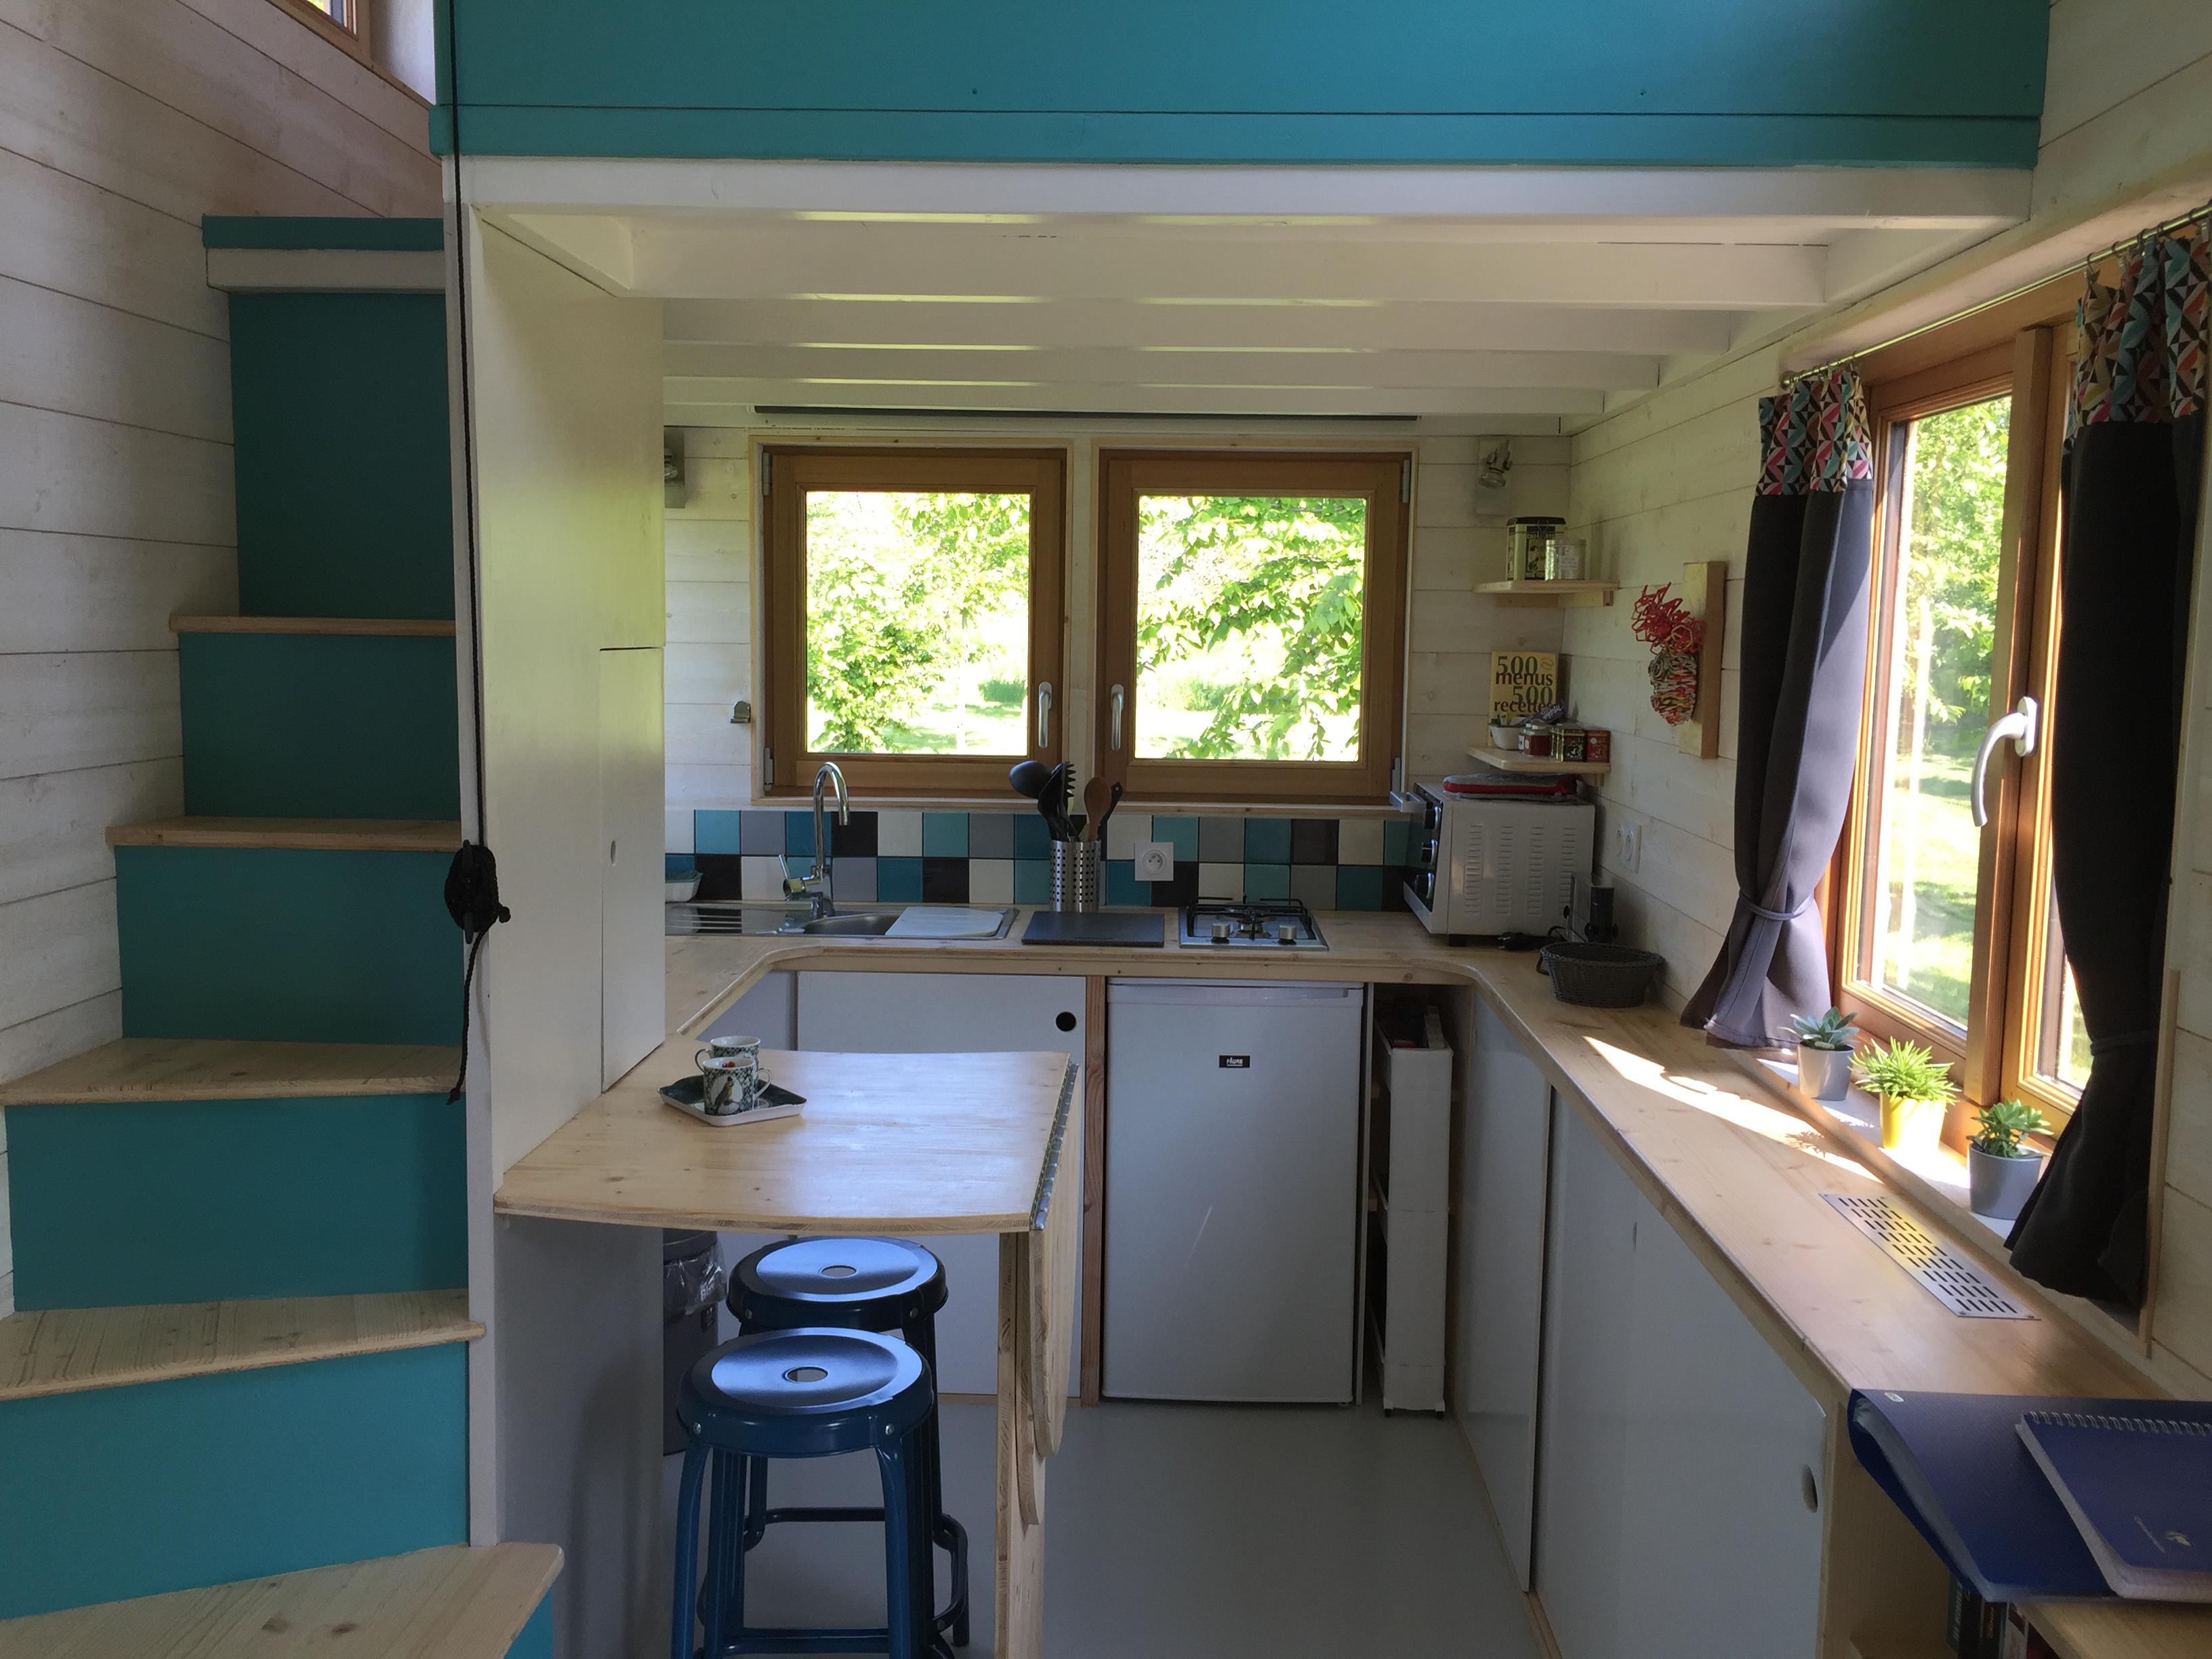 Chambres Noir : Témoignage une famille de quatre teste la vie en tiny house